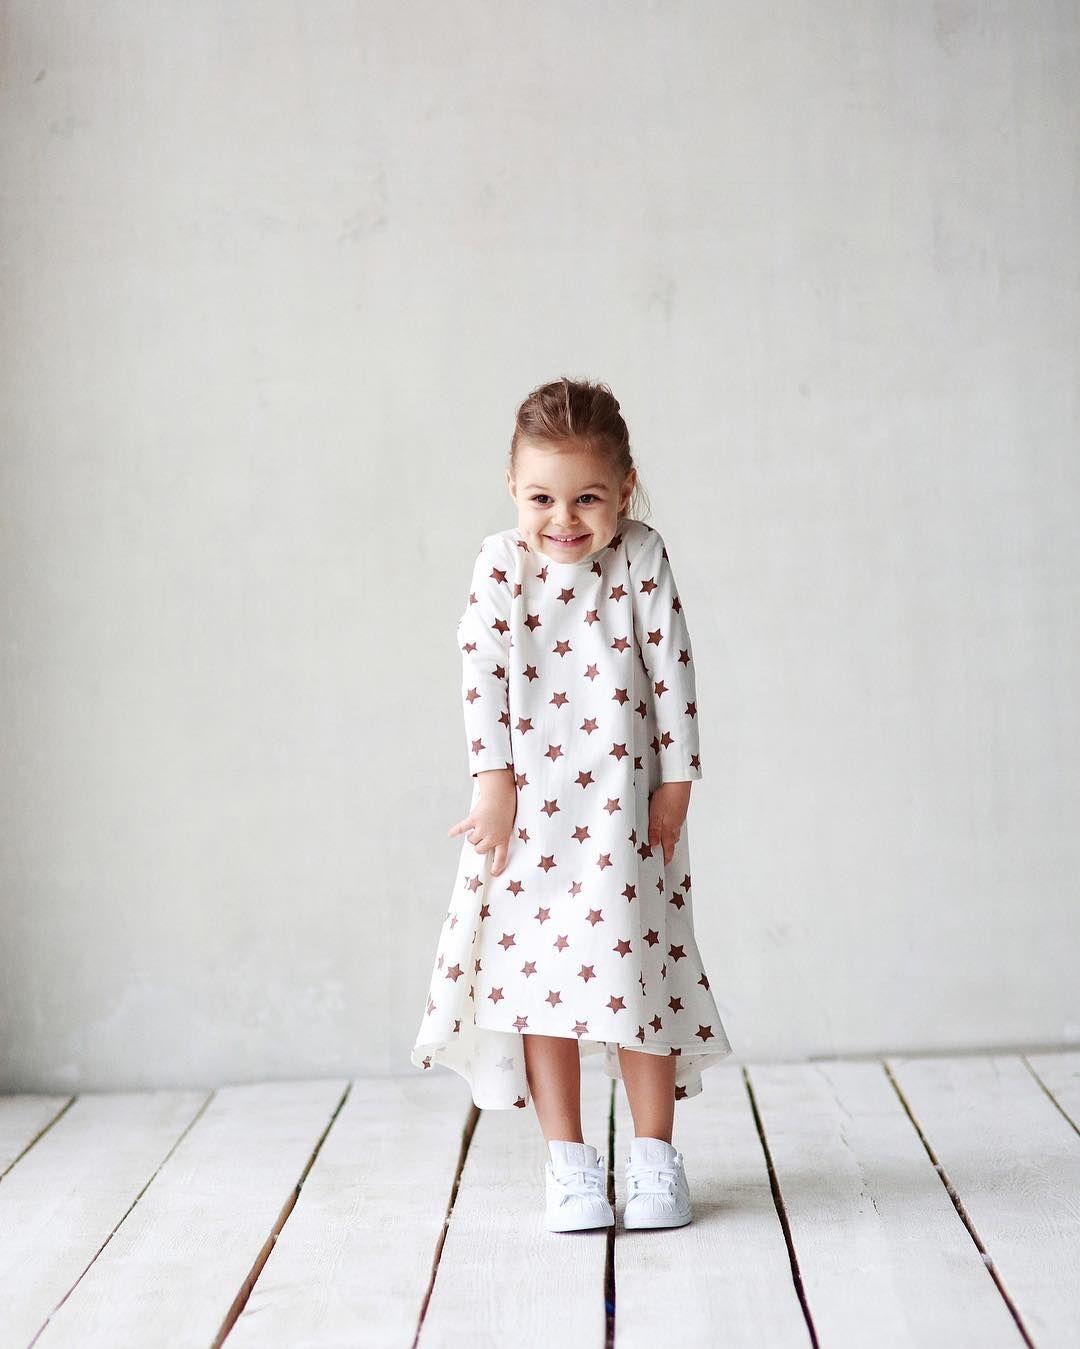 ❗️Скидка -30%❗️Звездное платье.Состав: 100% хлопок.Размеры в наличии: 98,104,110,116,122.Старая цена: 3500.Новая: 2450.#miko_kids #conceptkidswear #sale